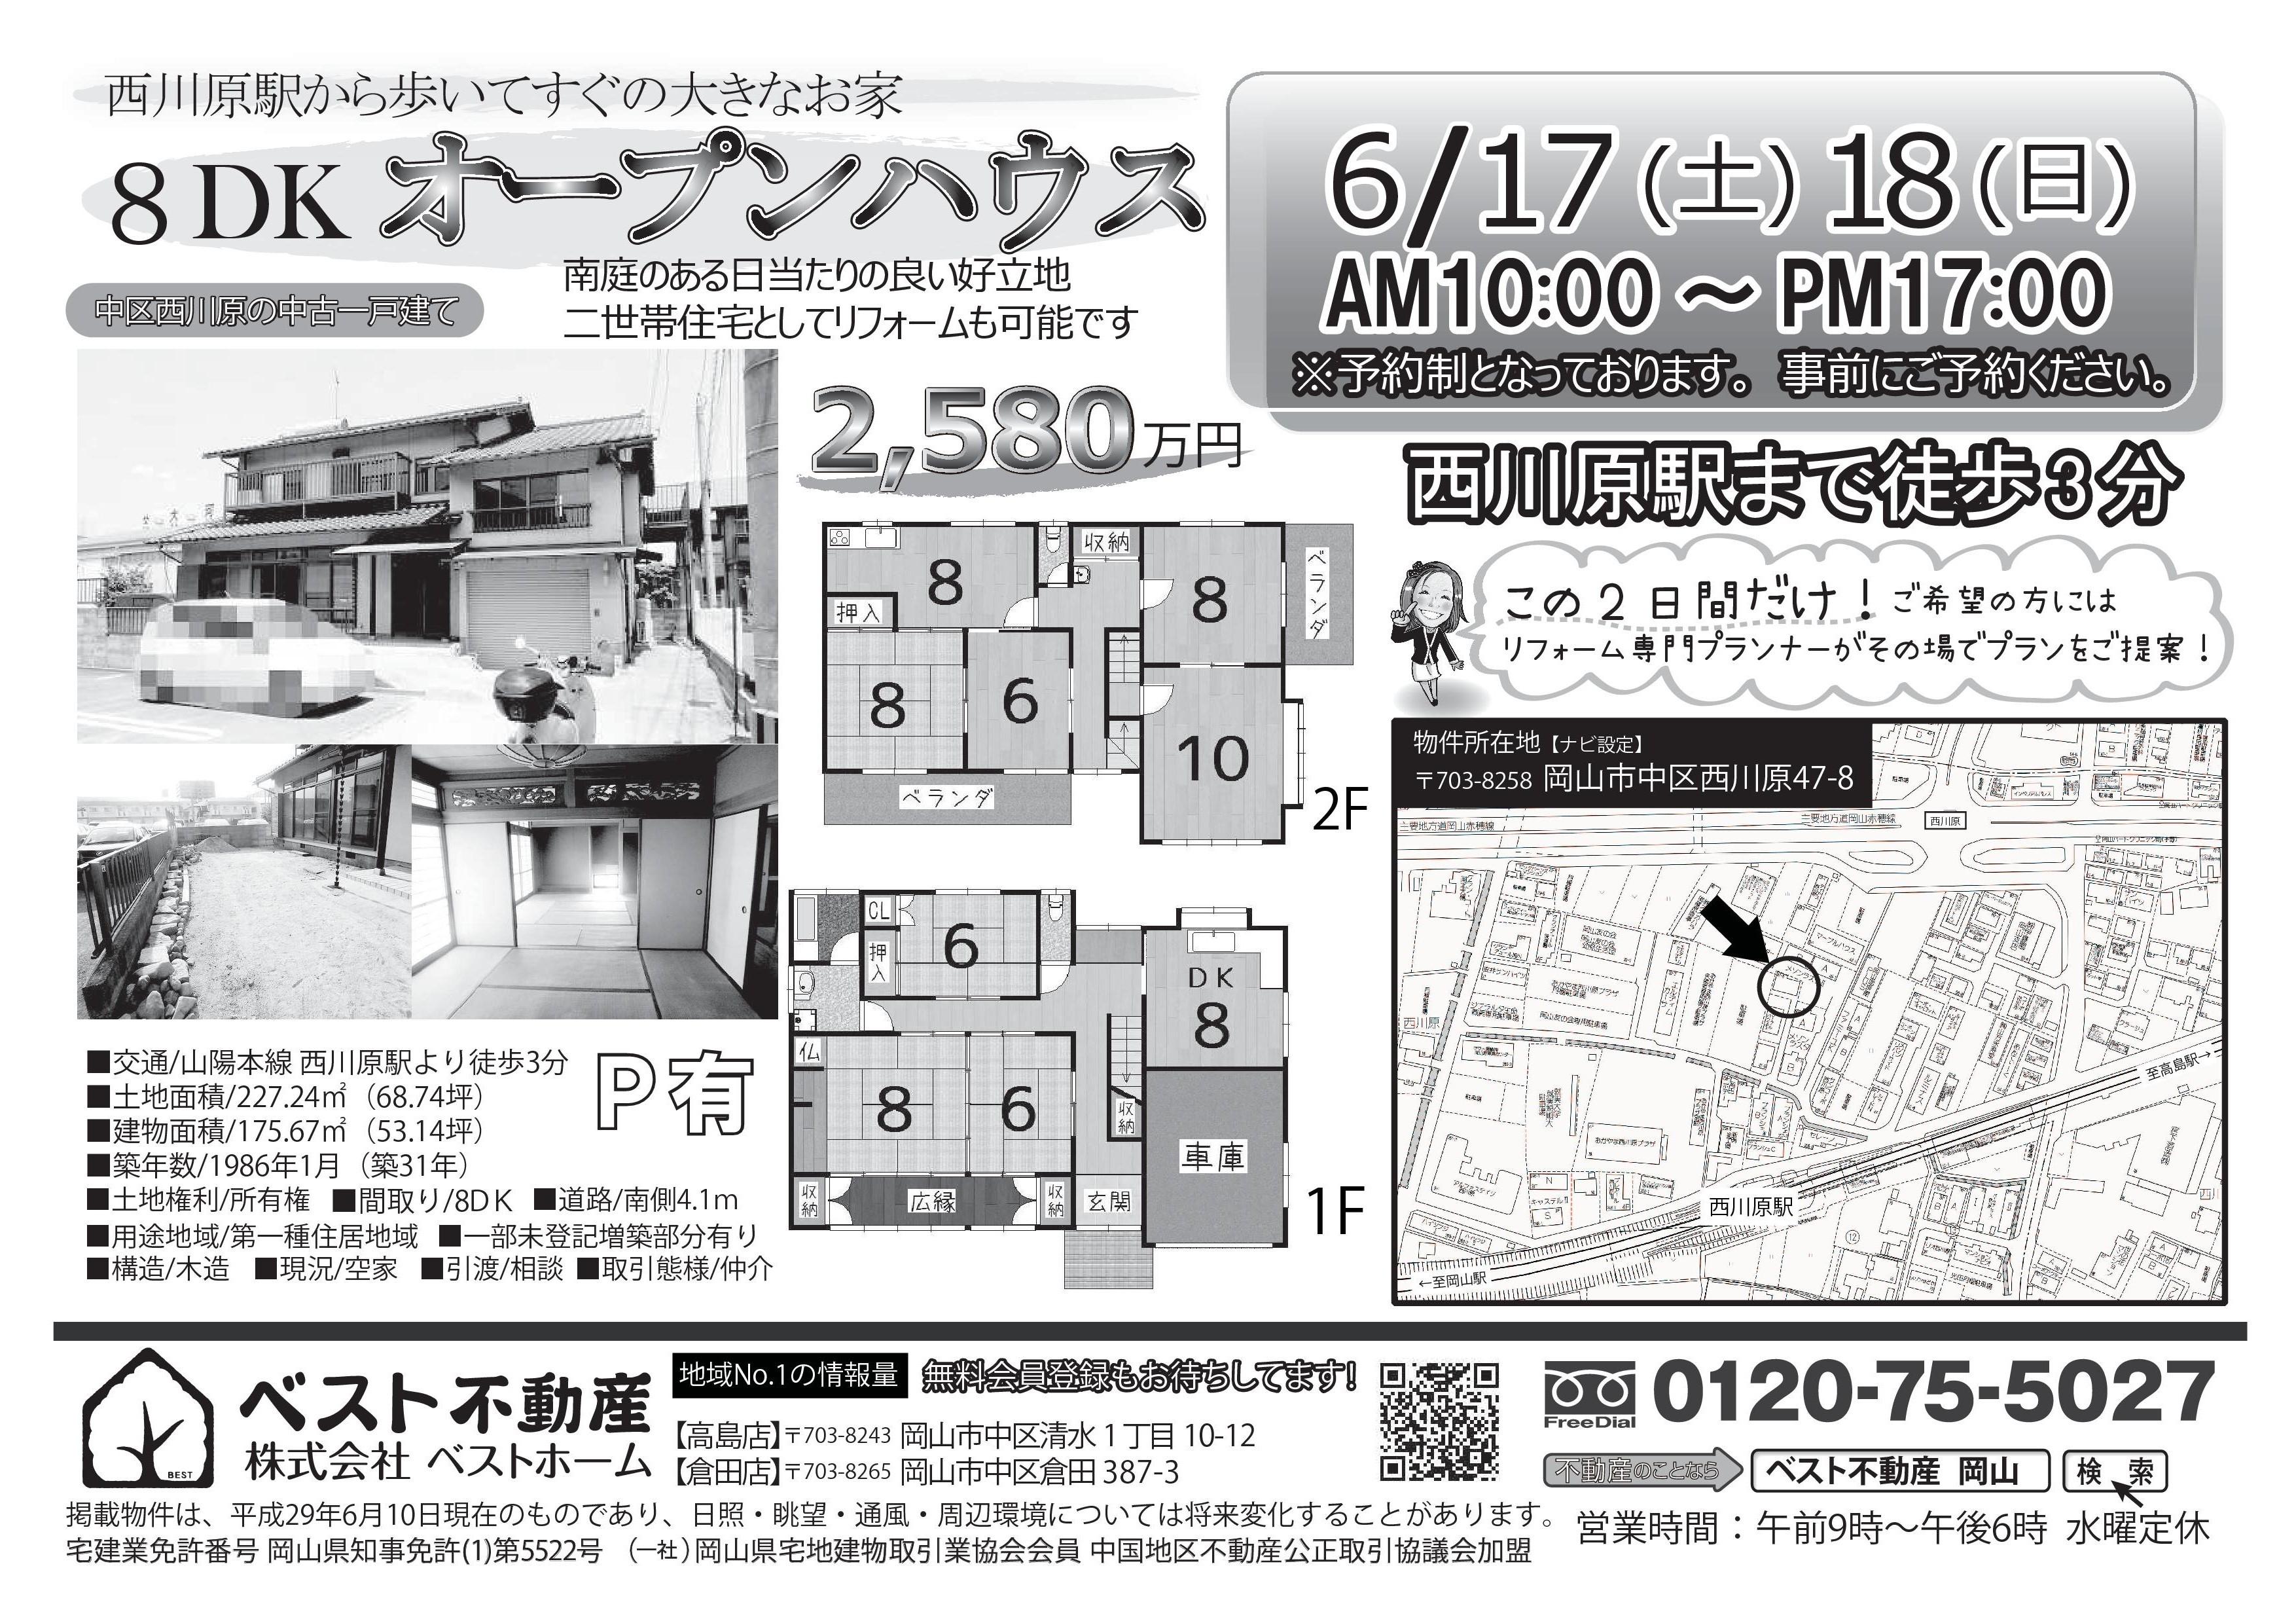 20170617-18西川原